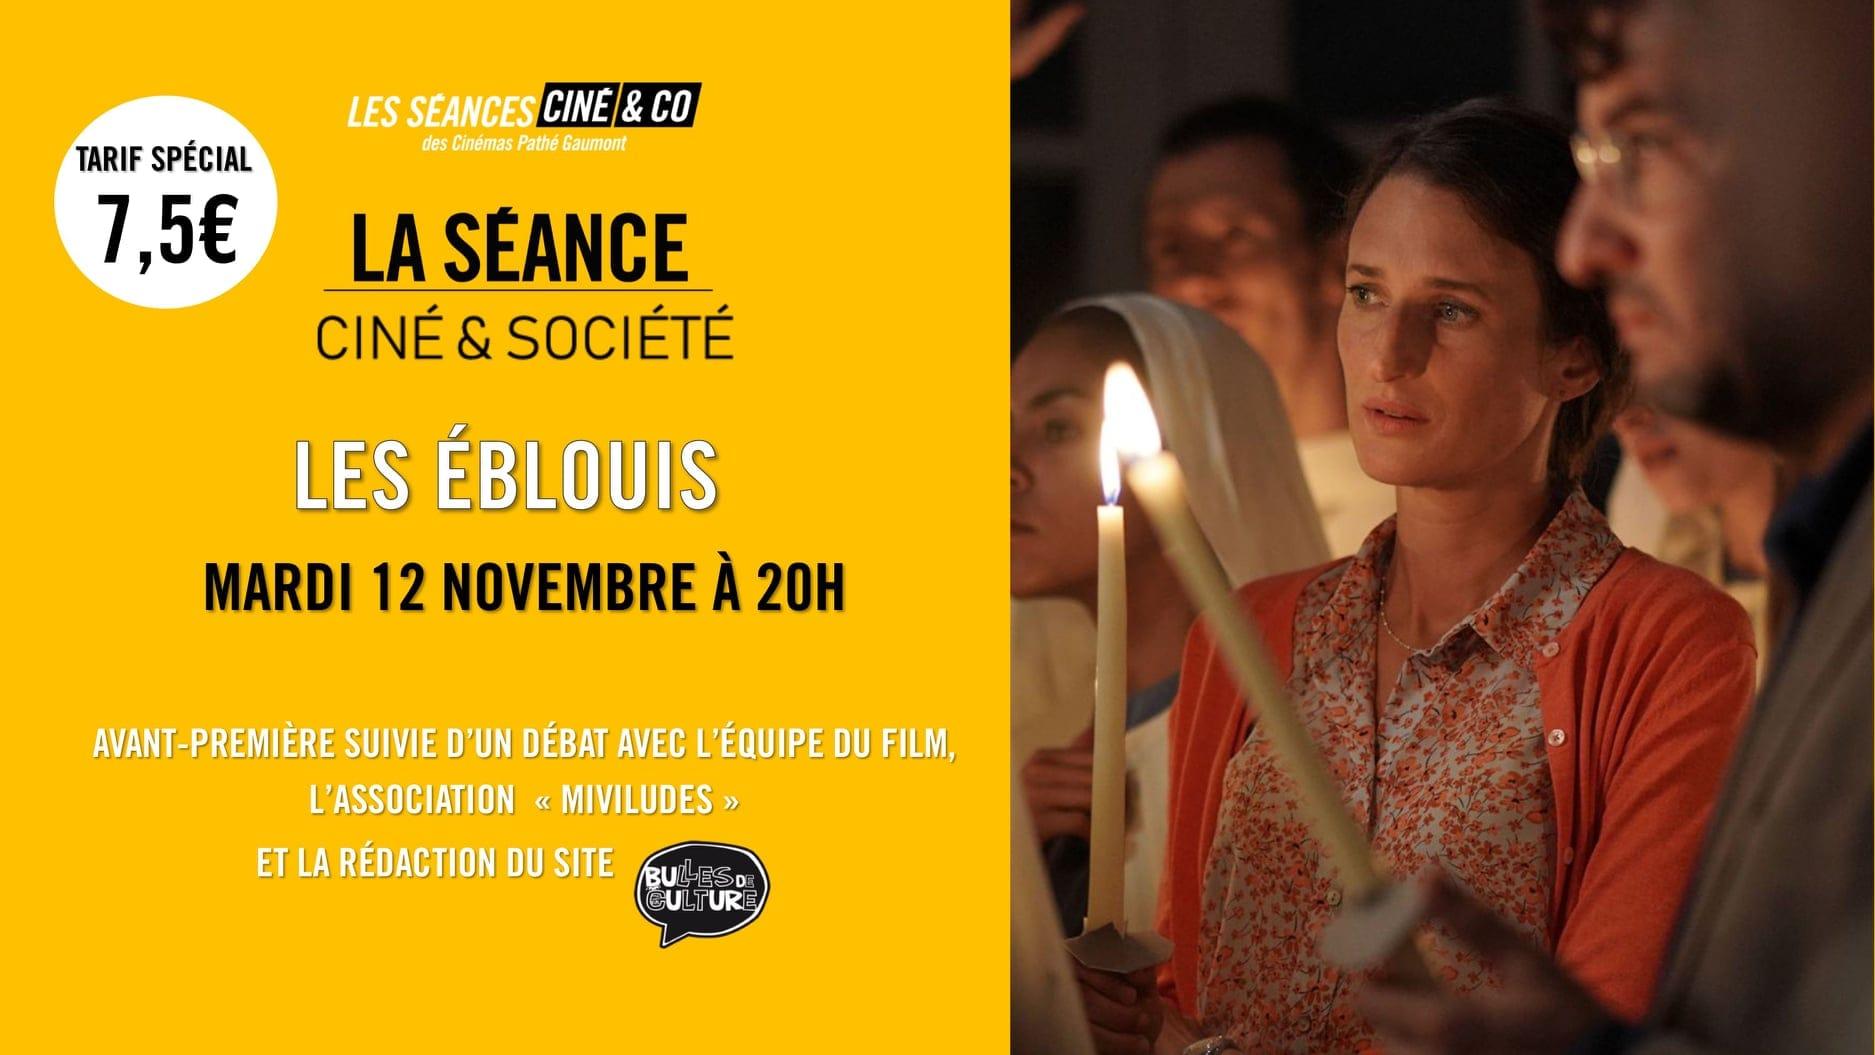 """La séance Ciné & Société """"Les Eblouis"""" avec Miviludes et Bulles de Culture visuel soirée cinéma"""